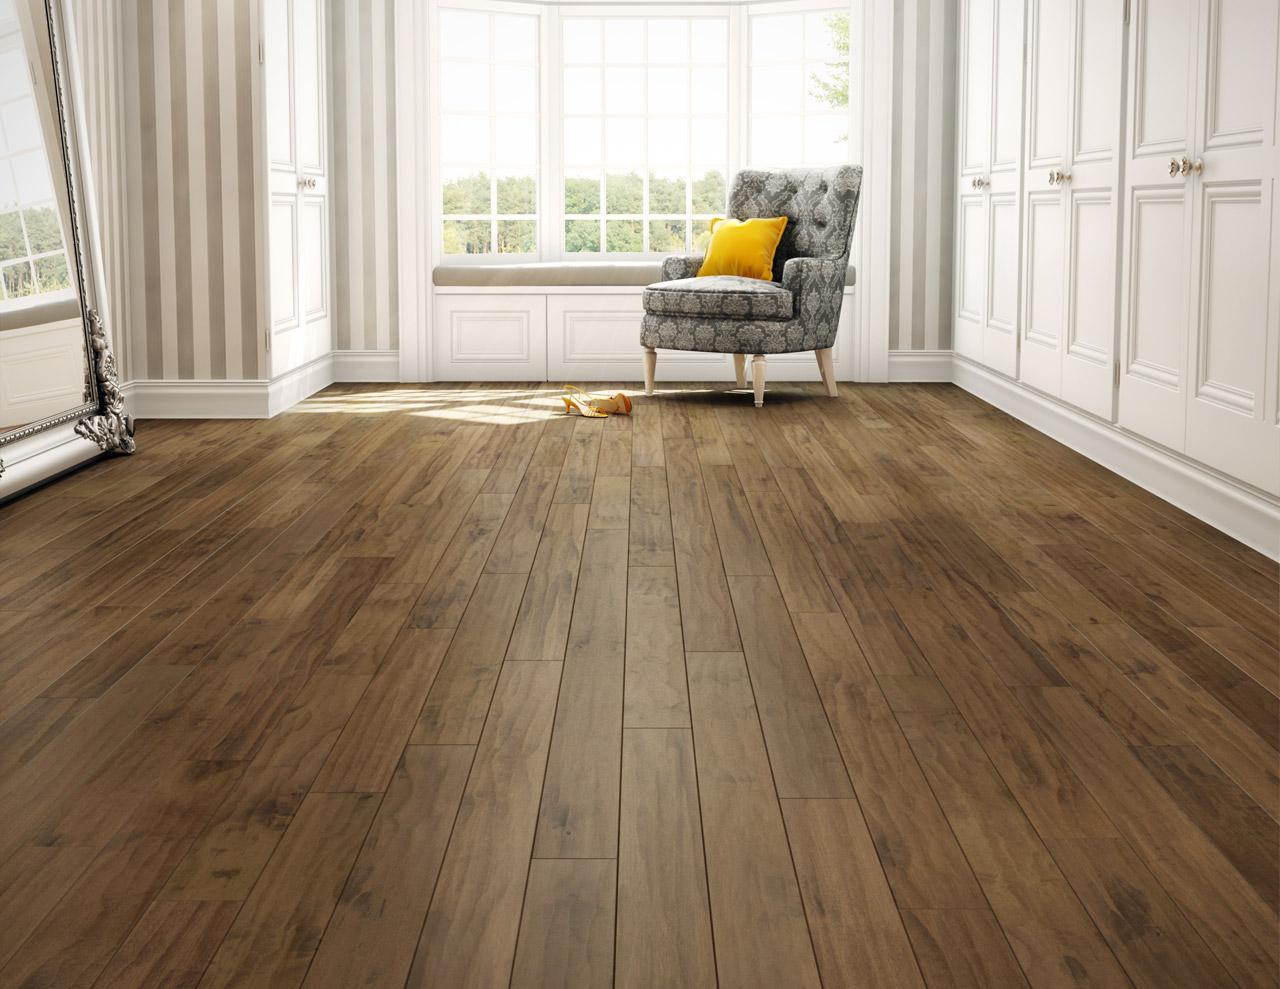 preverco hardwood flooring seattle bellevue.jpg